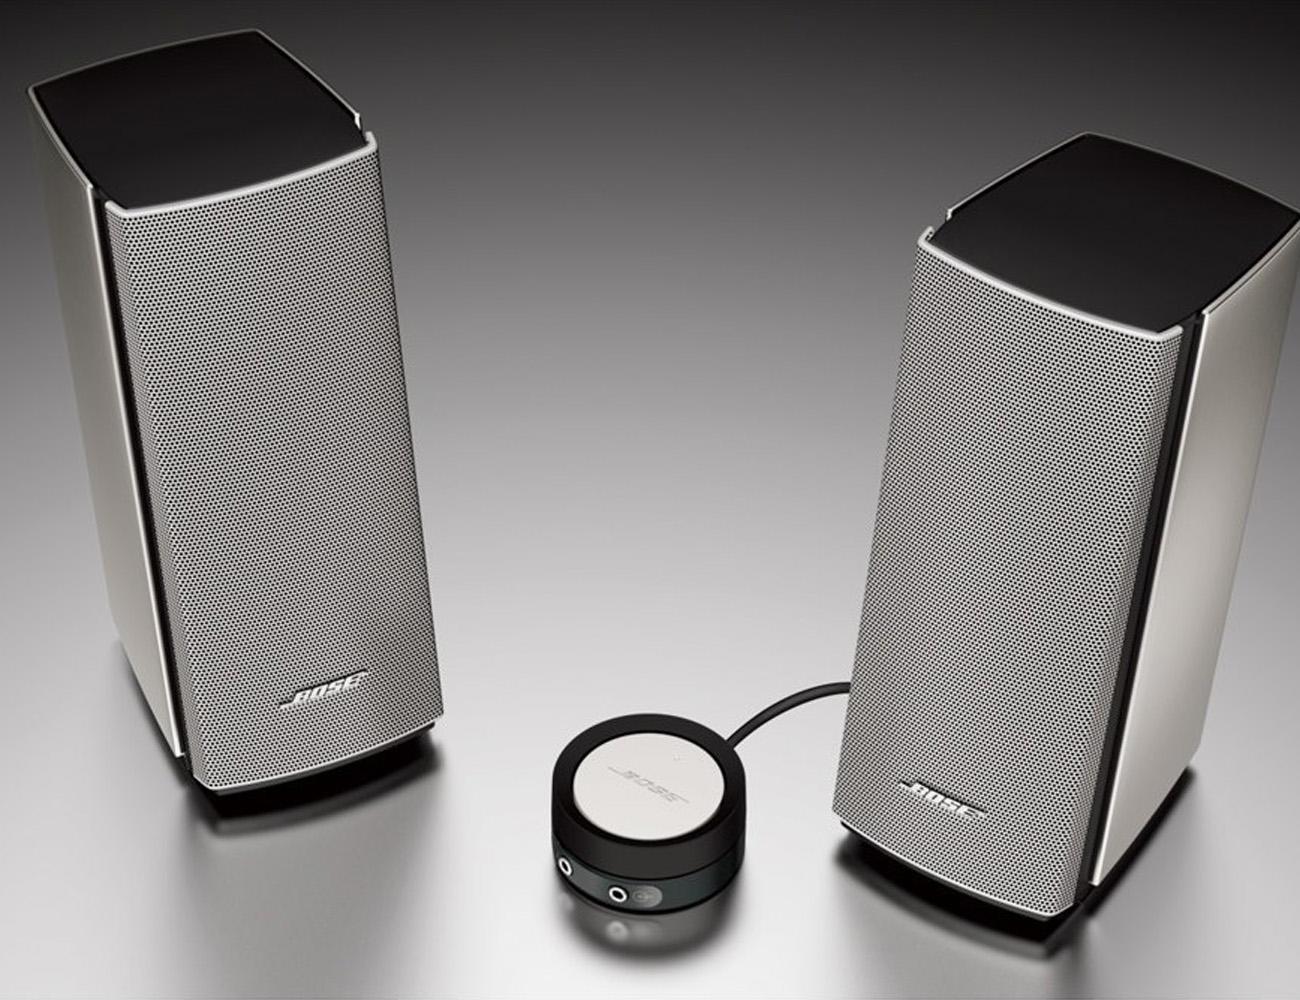 bose companion 20 multimedia speaker system gadget flow. Black Bedroom Furniture Sets. Home Design Ideas